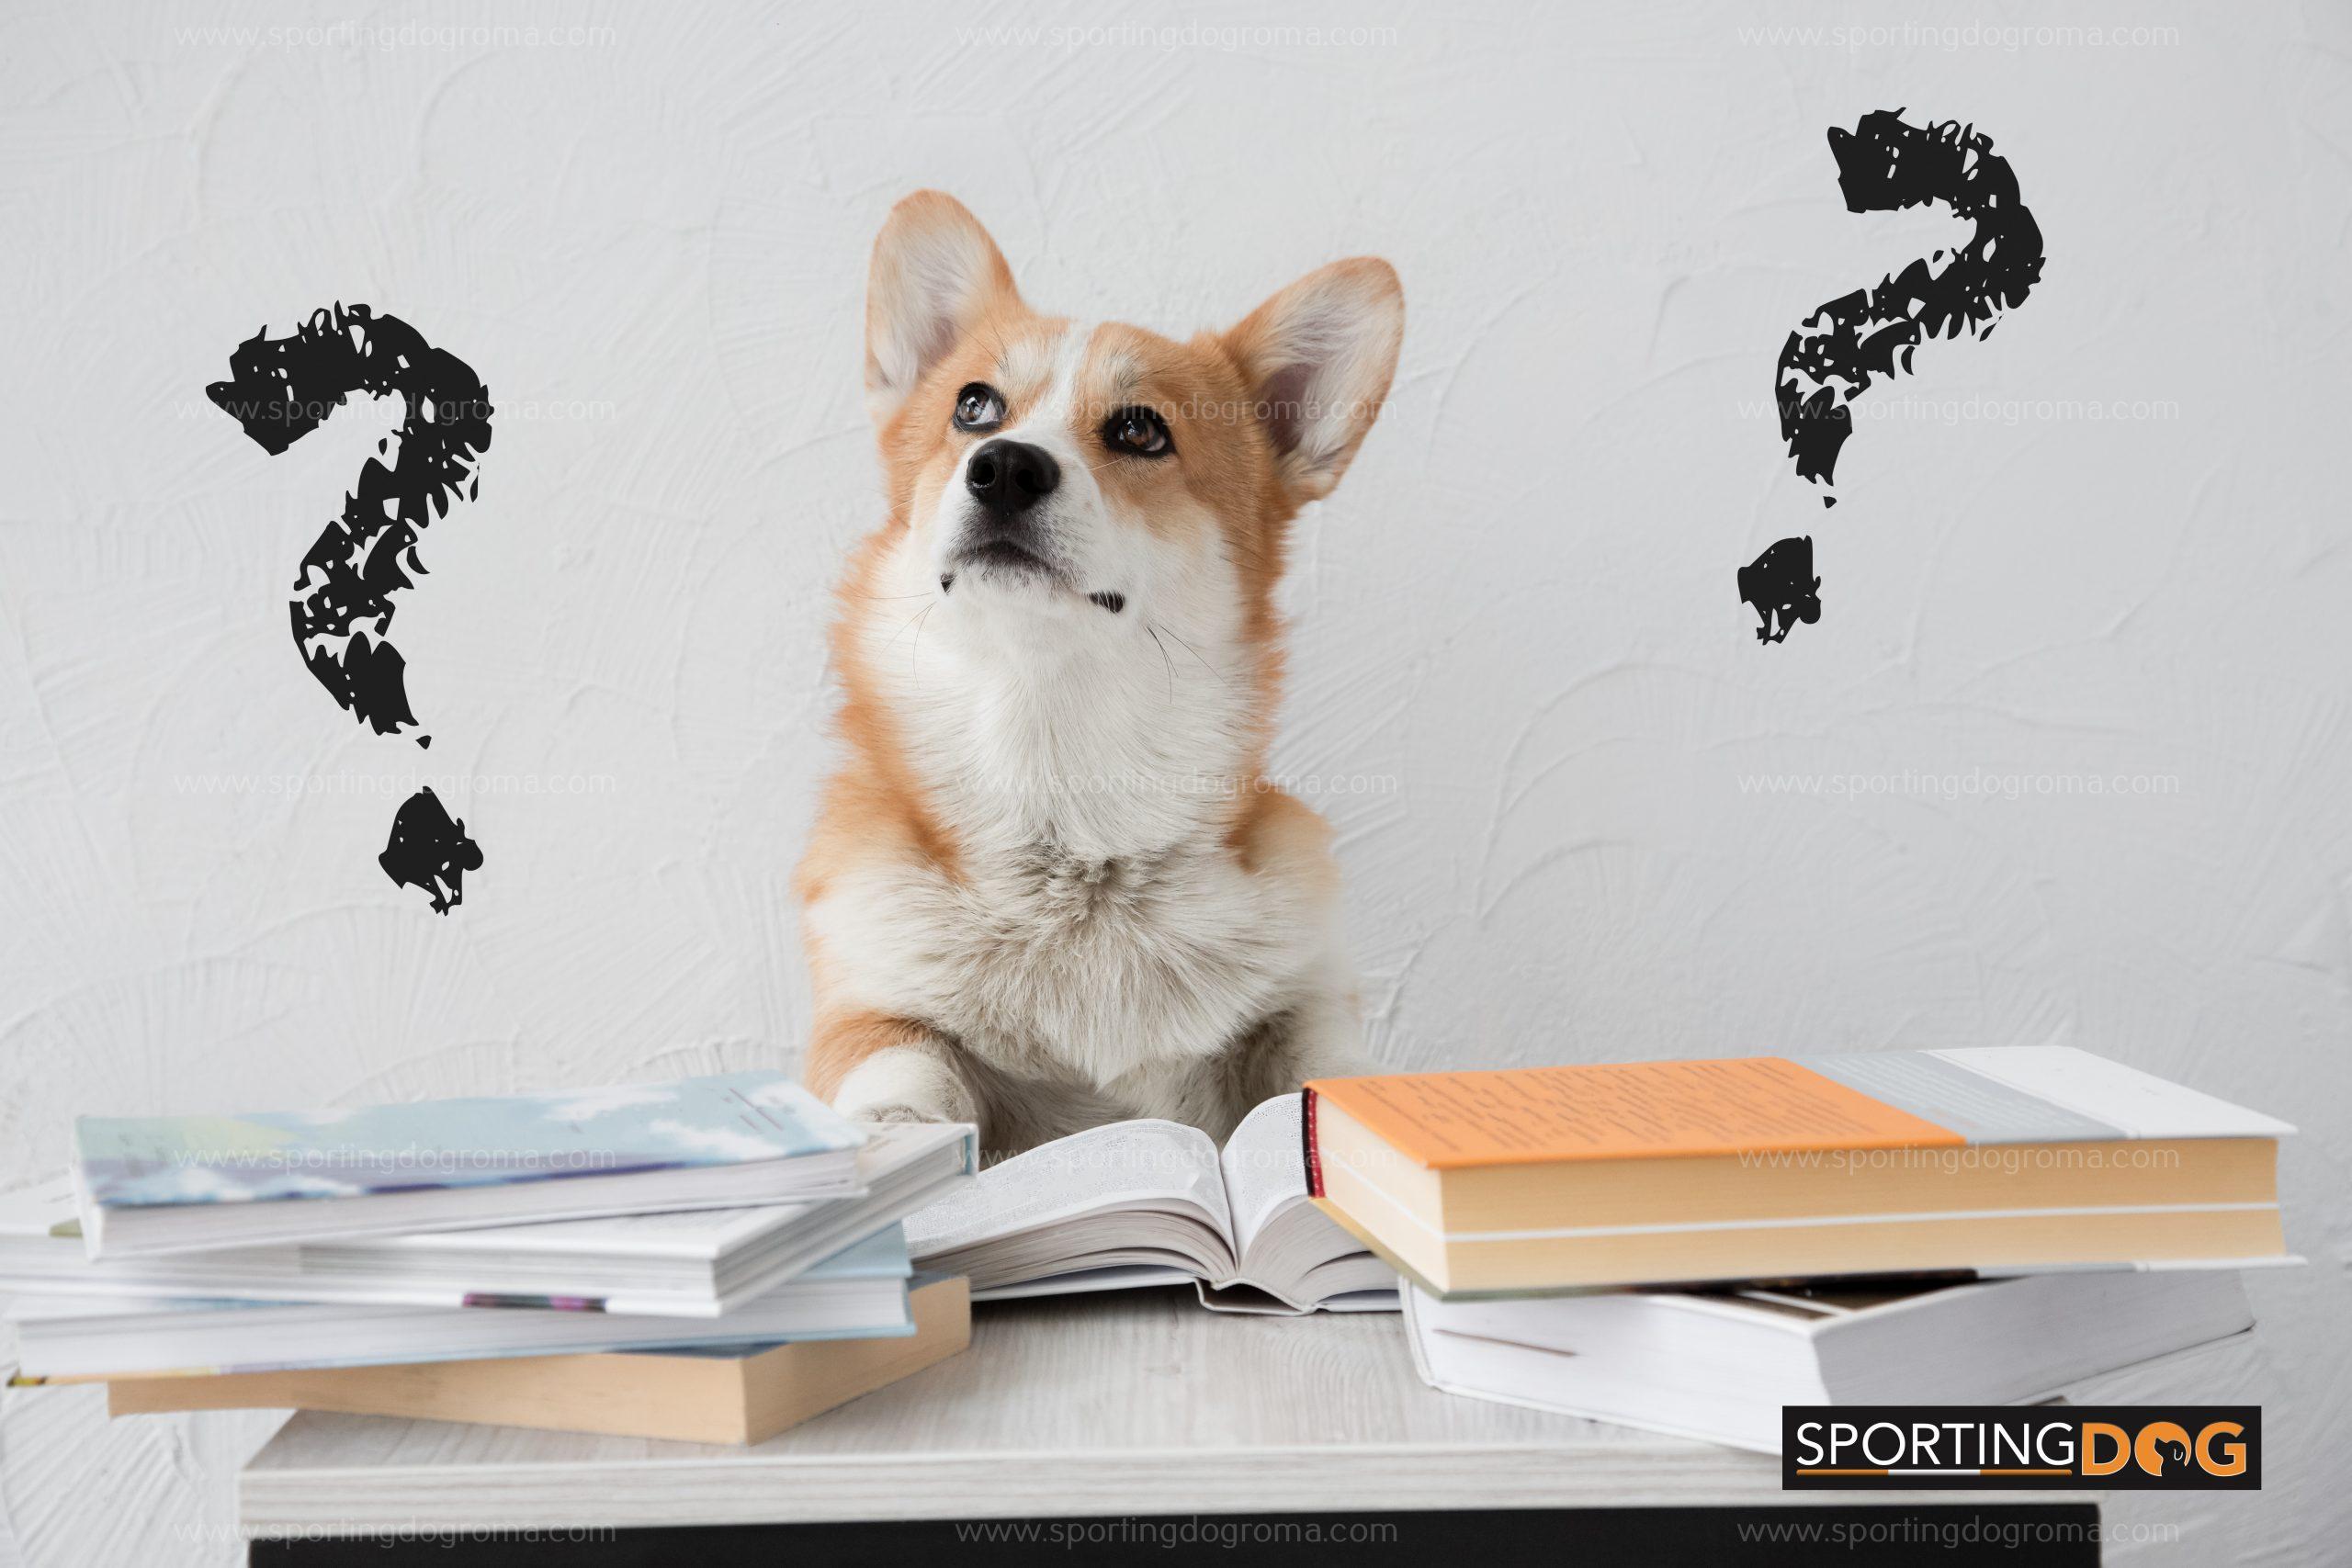 Come scegliere una buona Scuola per il mio cane